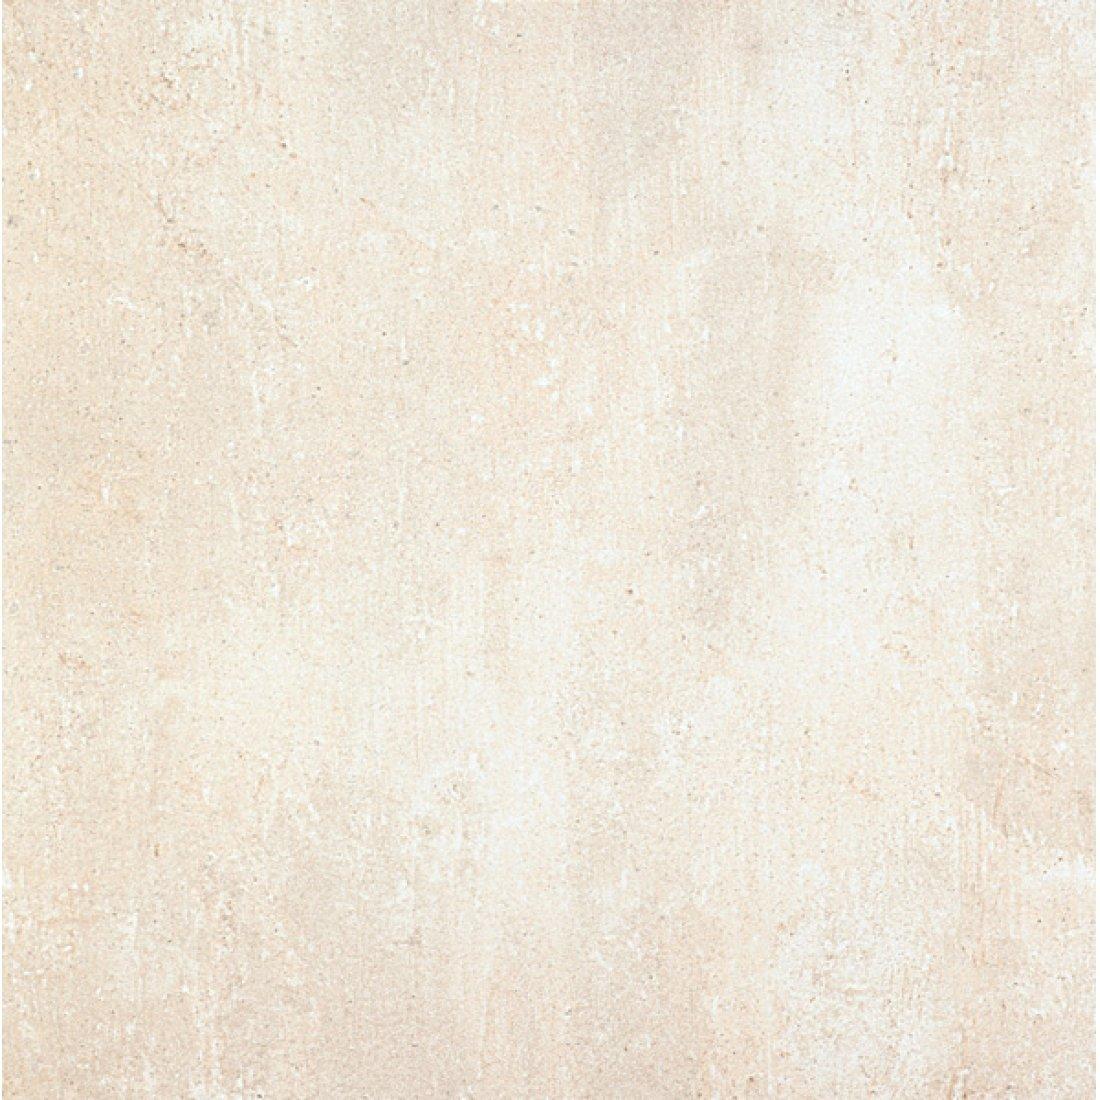 Лофт беж светлый обрезной 60*60 керамический гранит KERAMA MARAZZI, артикул SG609500R